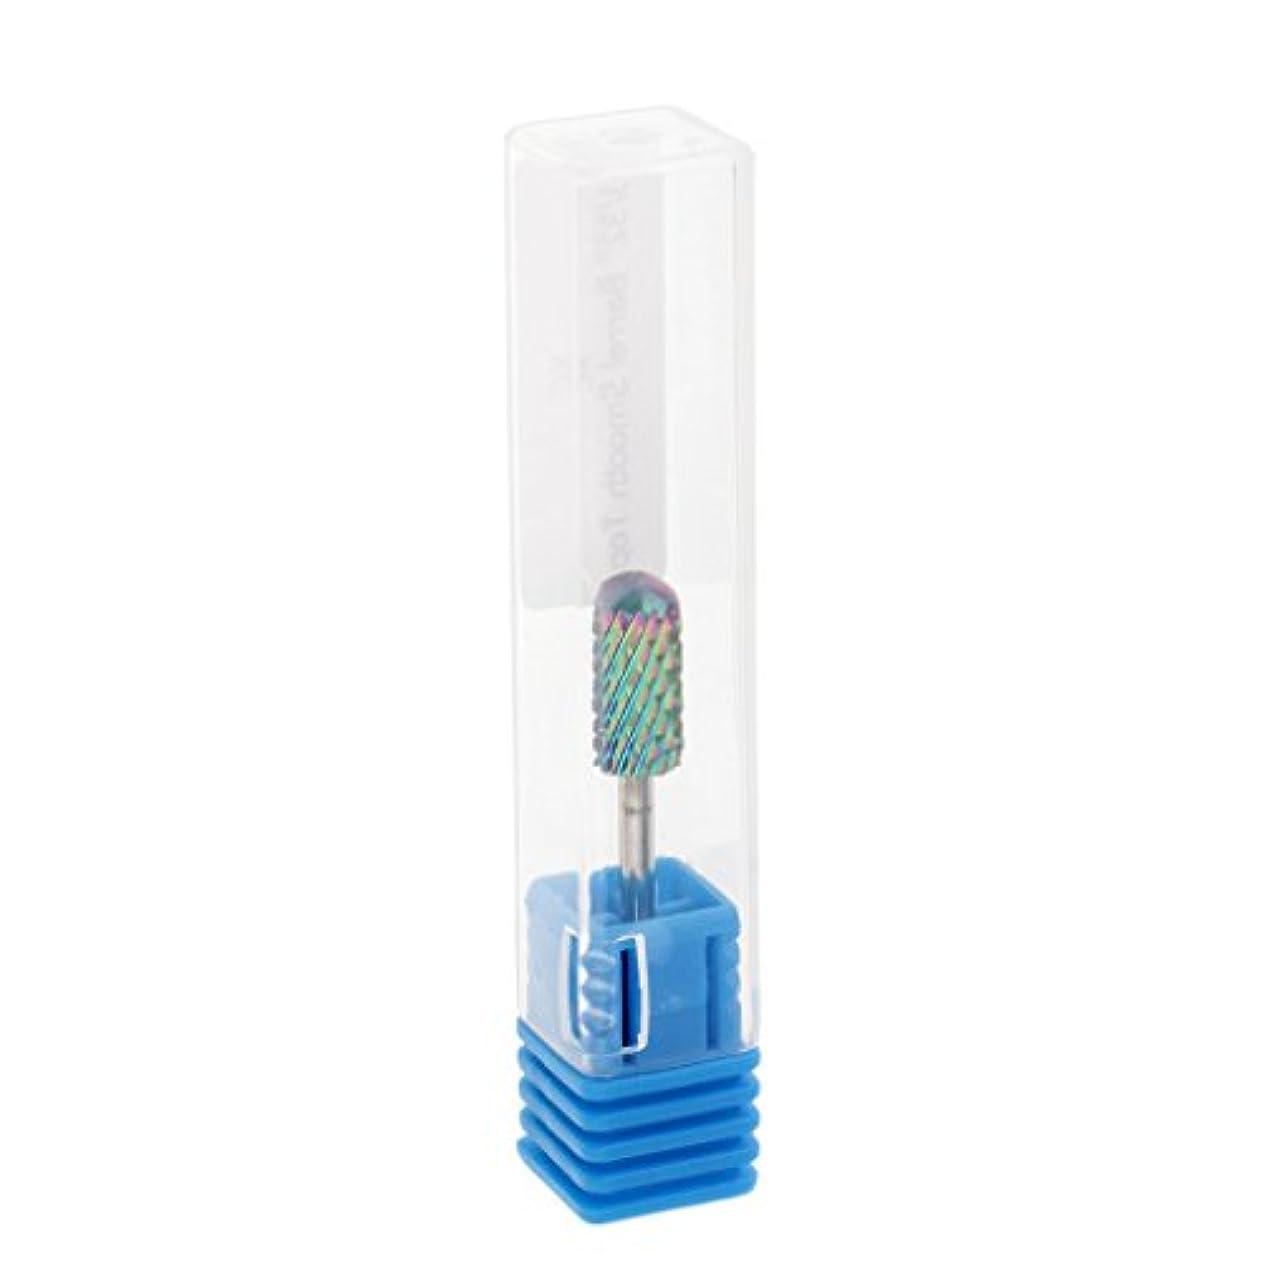 答え箱食器棚Injoyo マニキュア 電動ドリルビット ネイルアートファイル 研磨ヘッド ドリルビット ネイルサロン 用品 全4タイプ - XC